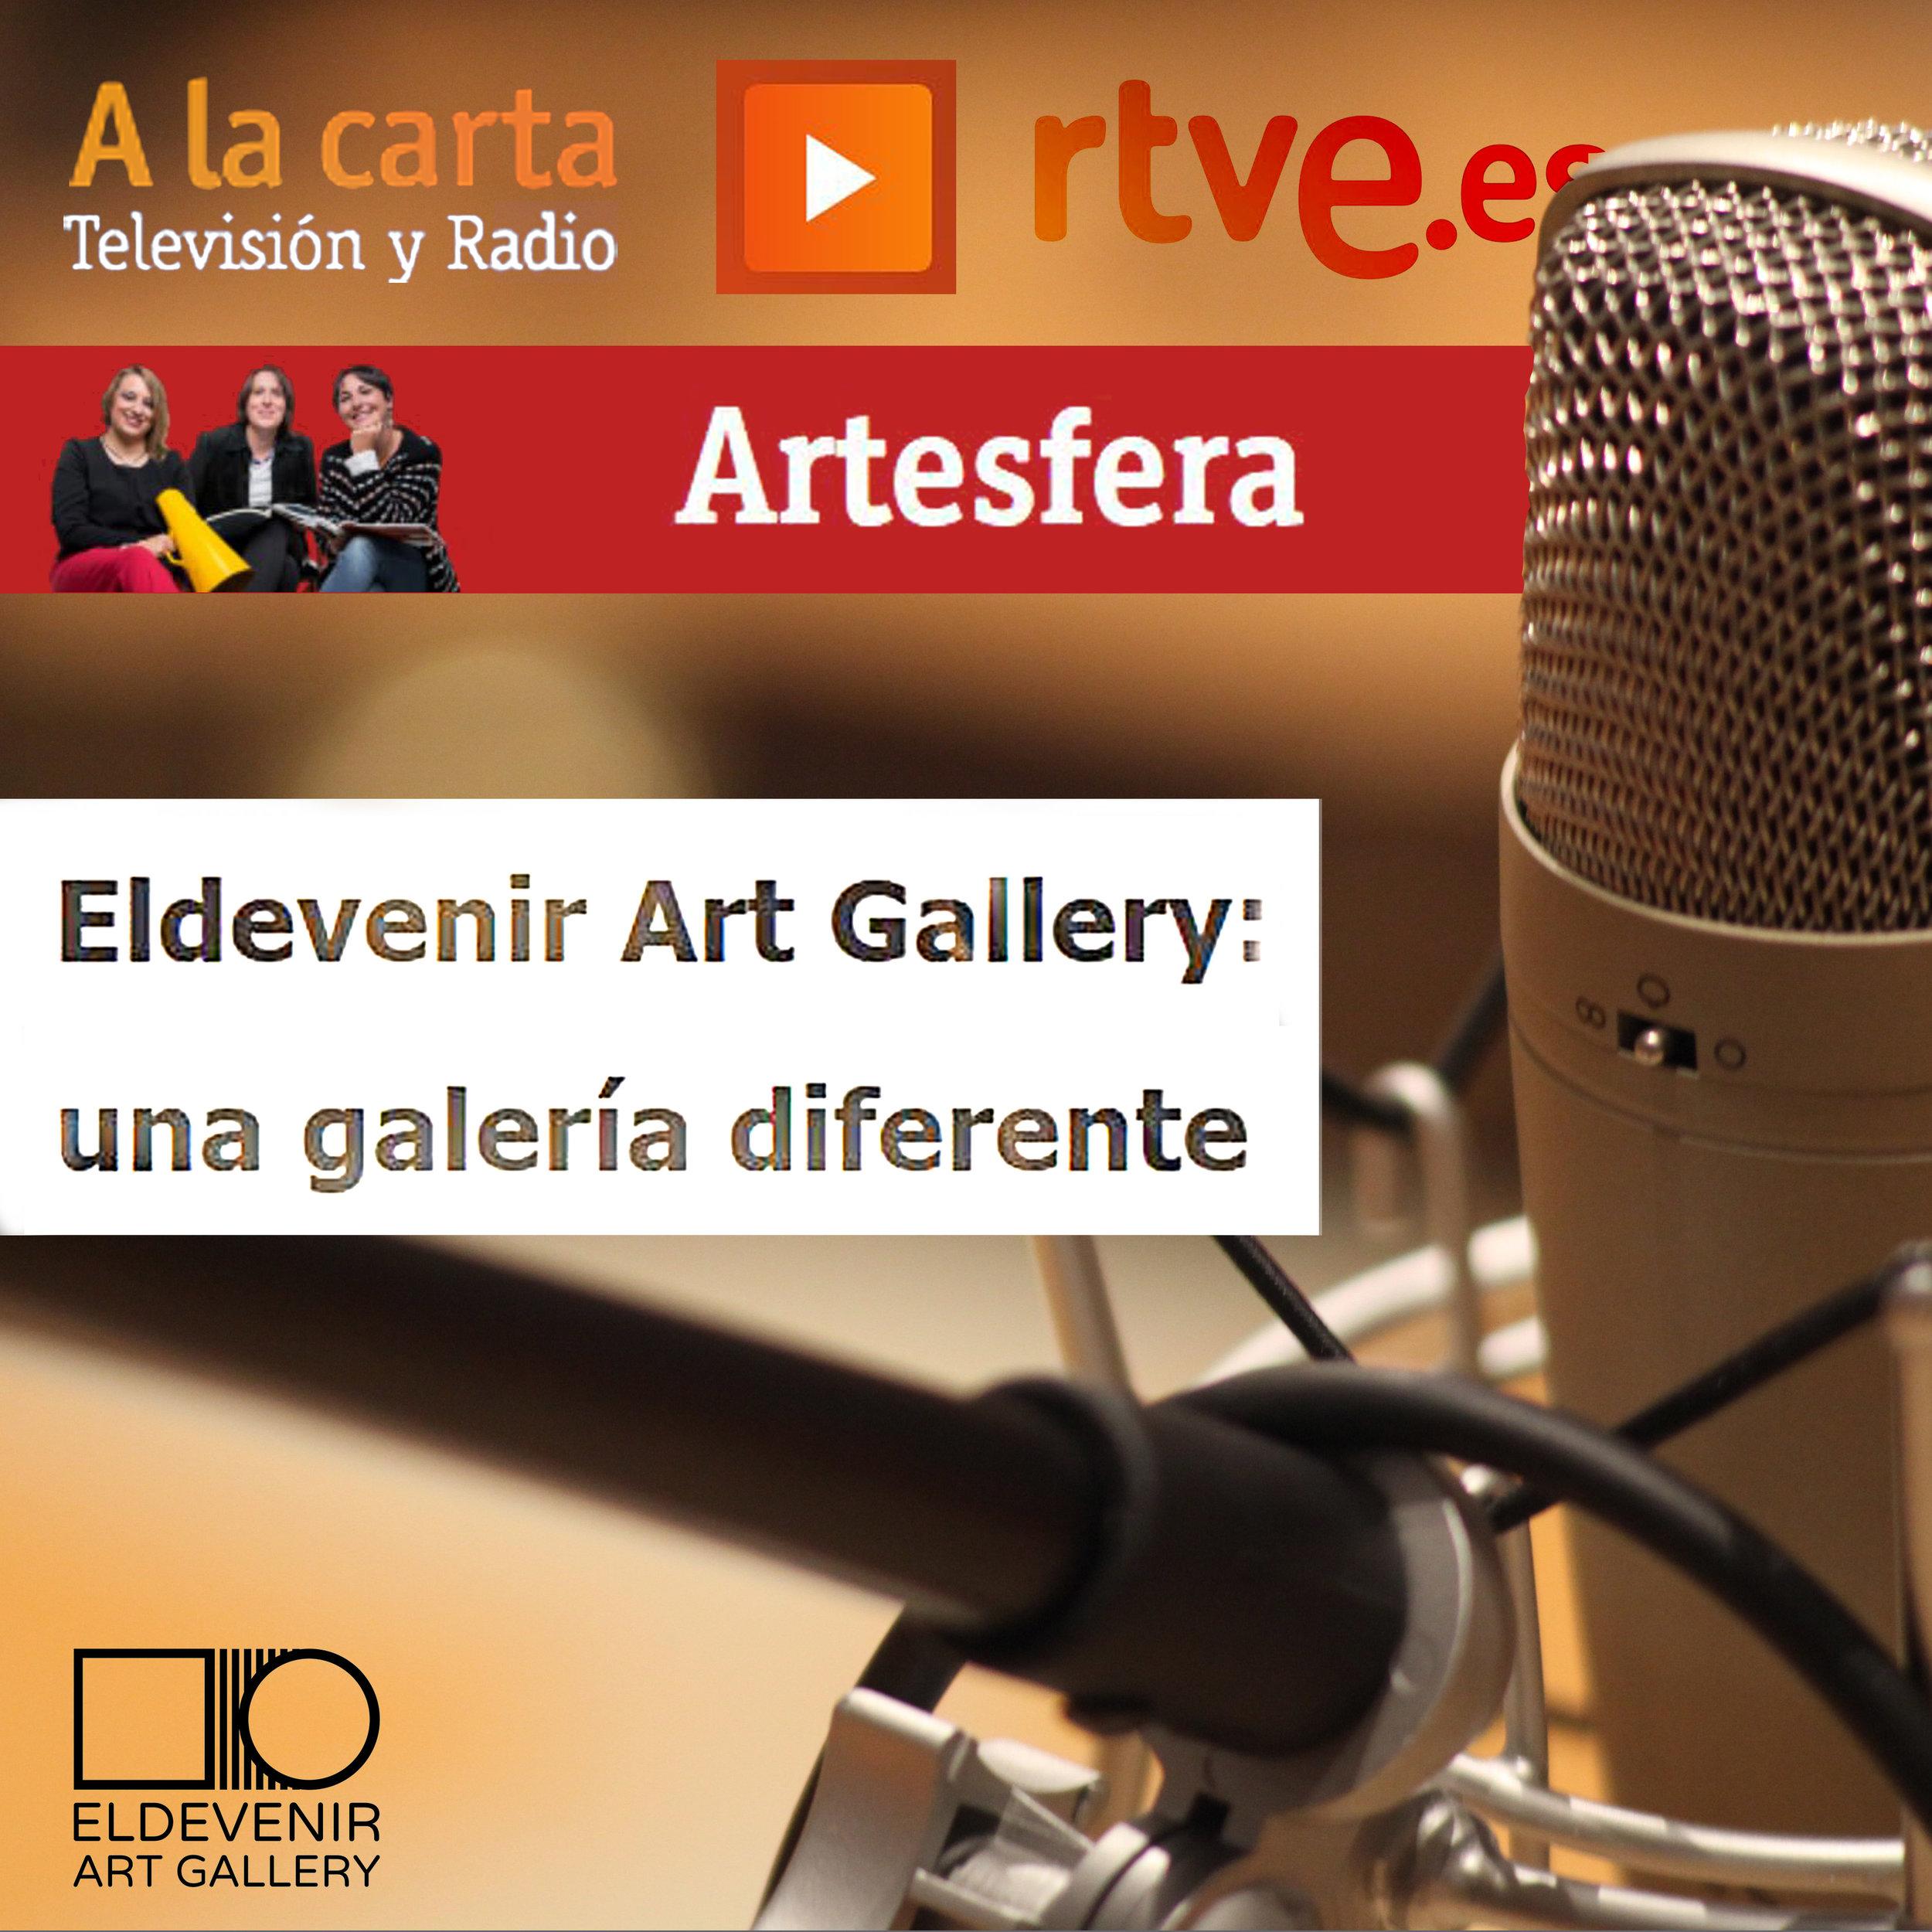 artesfera-radio5-radioxterior-rtve-rne-eldevenir-art-gallery-arte-contemporaneo-malaga-justmad-maria-rosa-jurado-sanchez-artsy.jpg